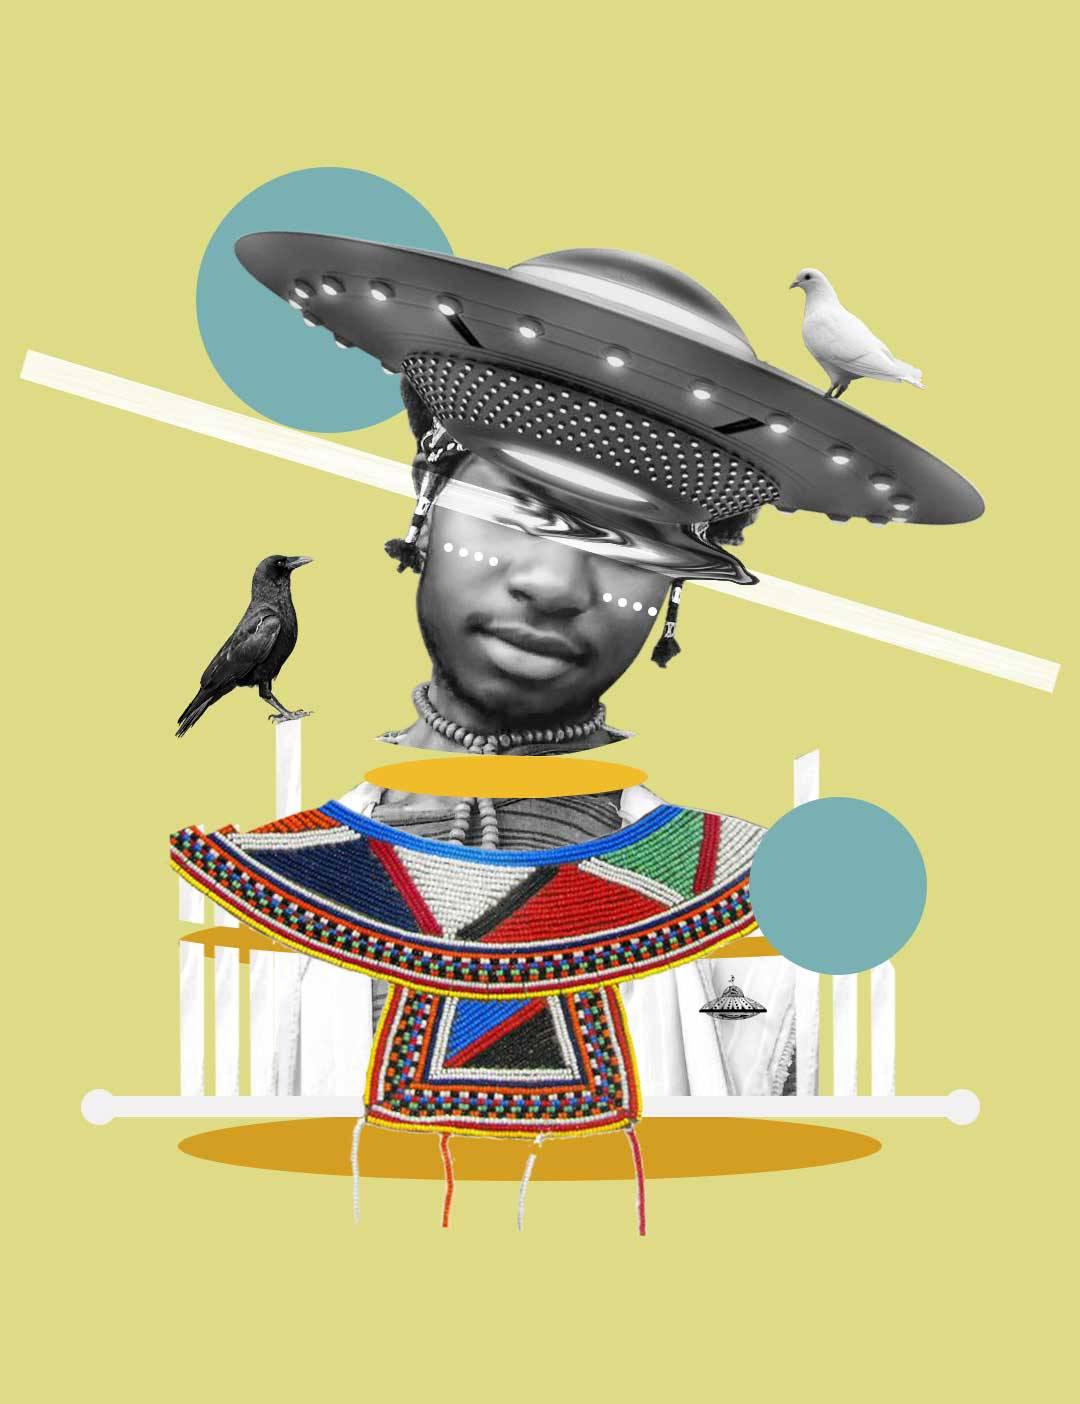 afrofuturism-collages-of-kaylan-m-4.jpg